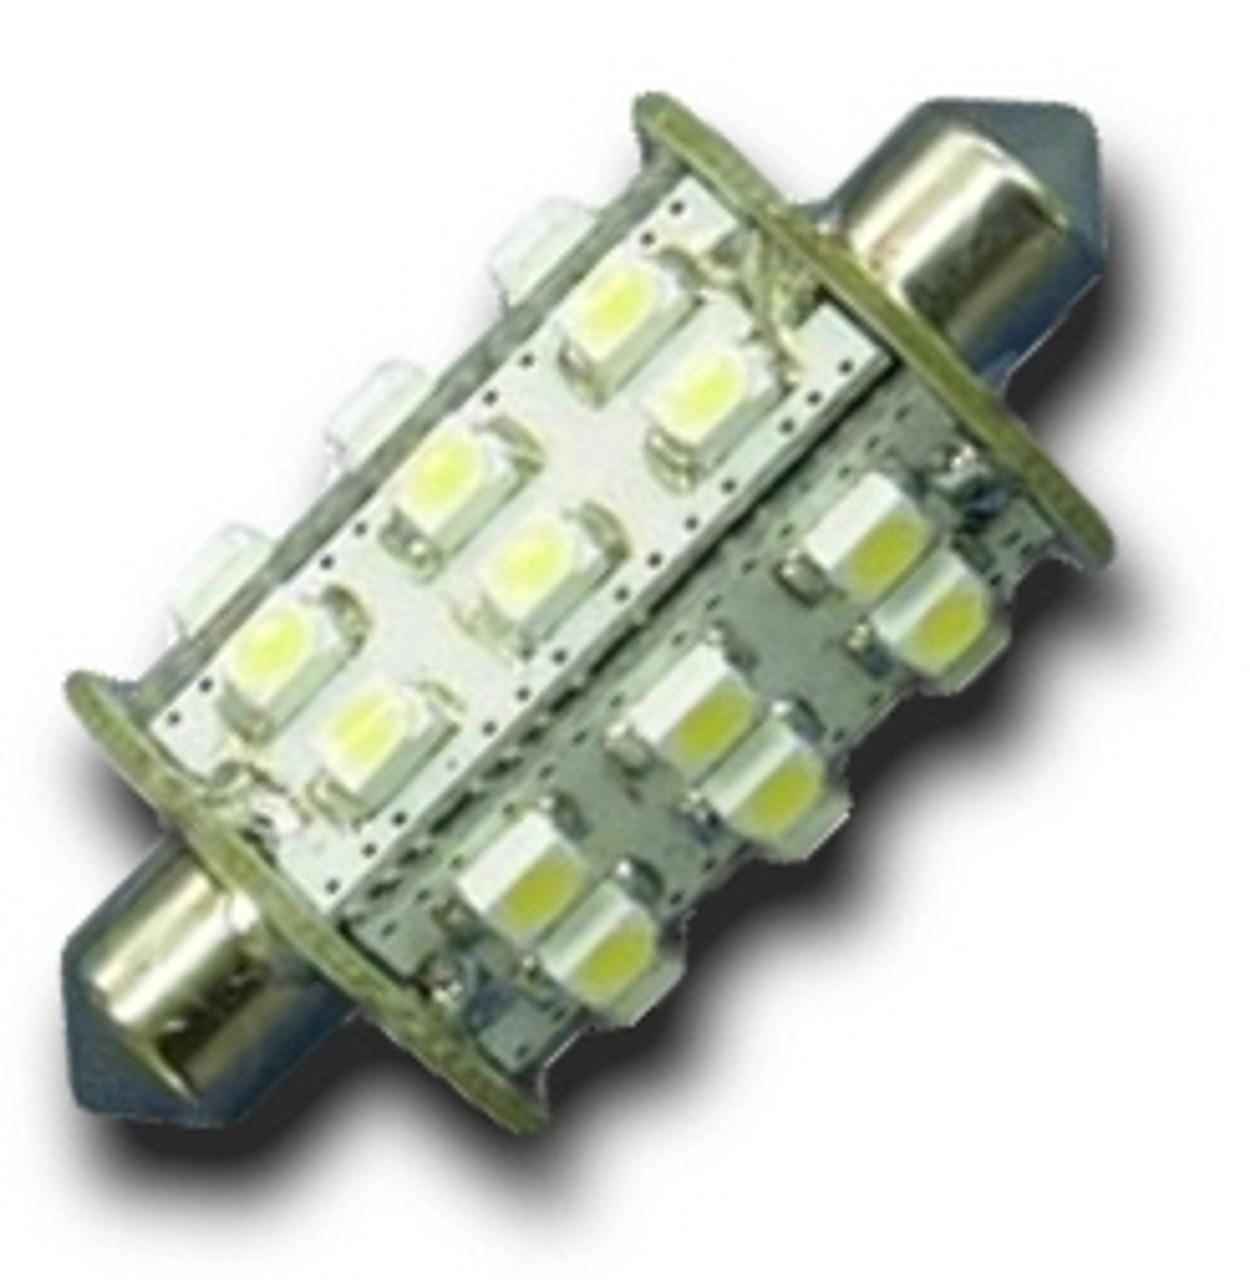 LED Festoon for Perko and Aqua Signal 25